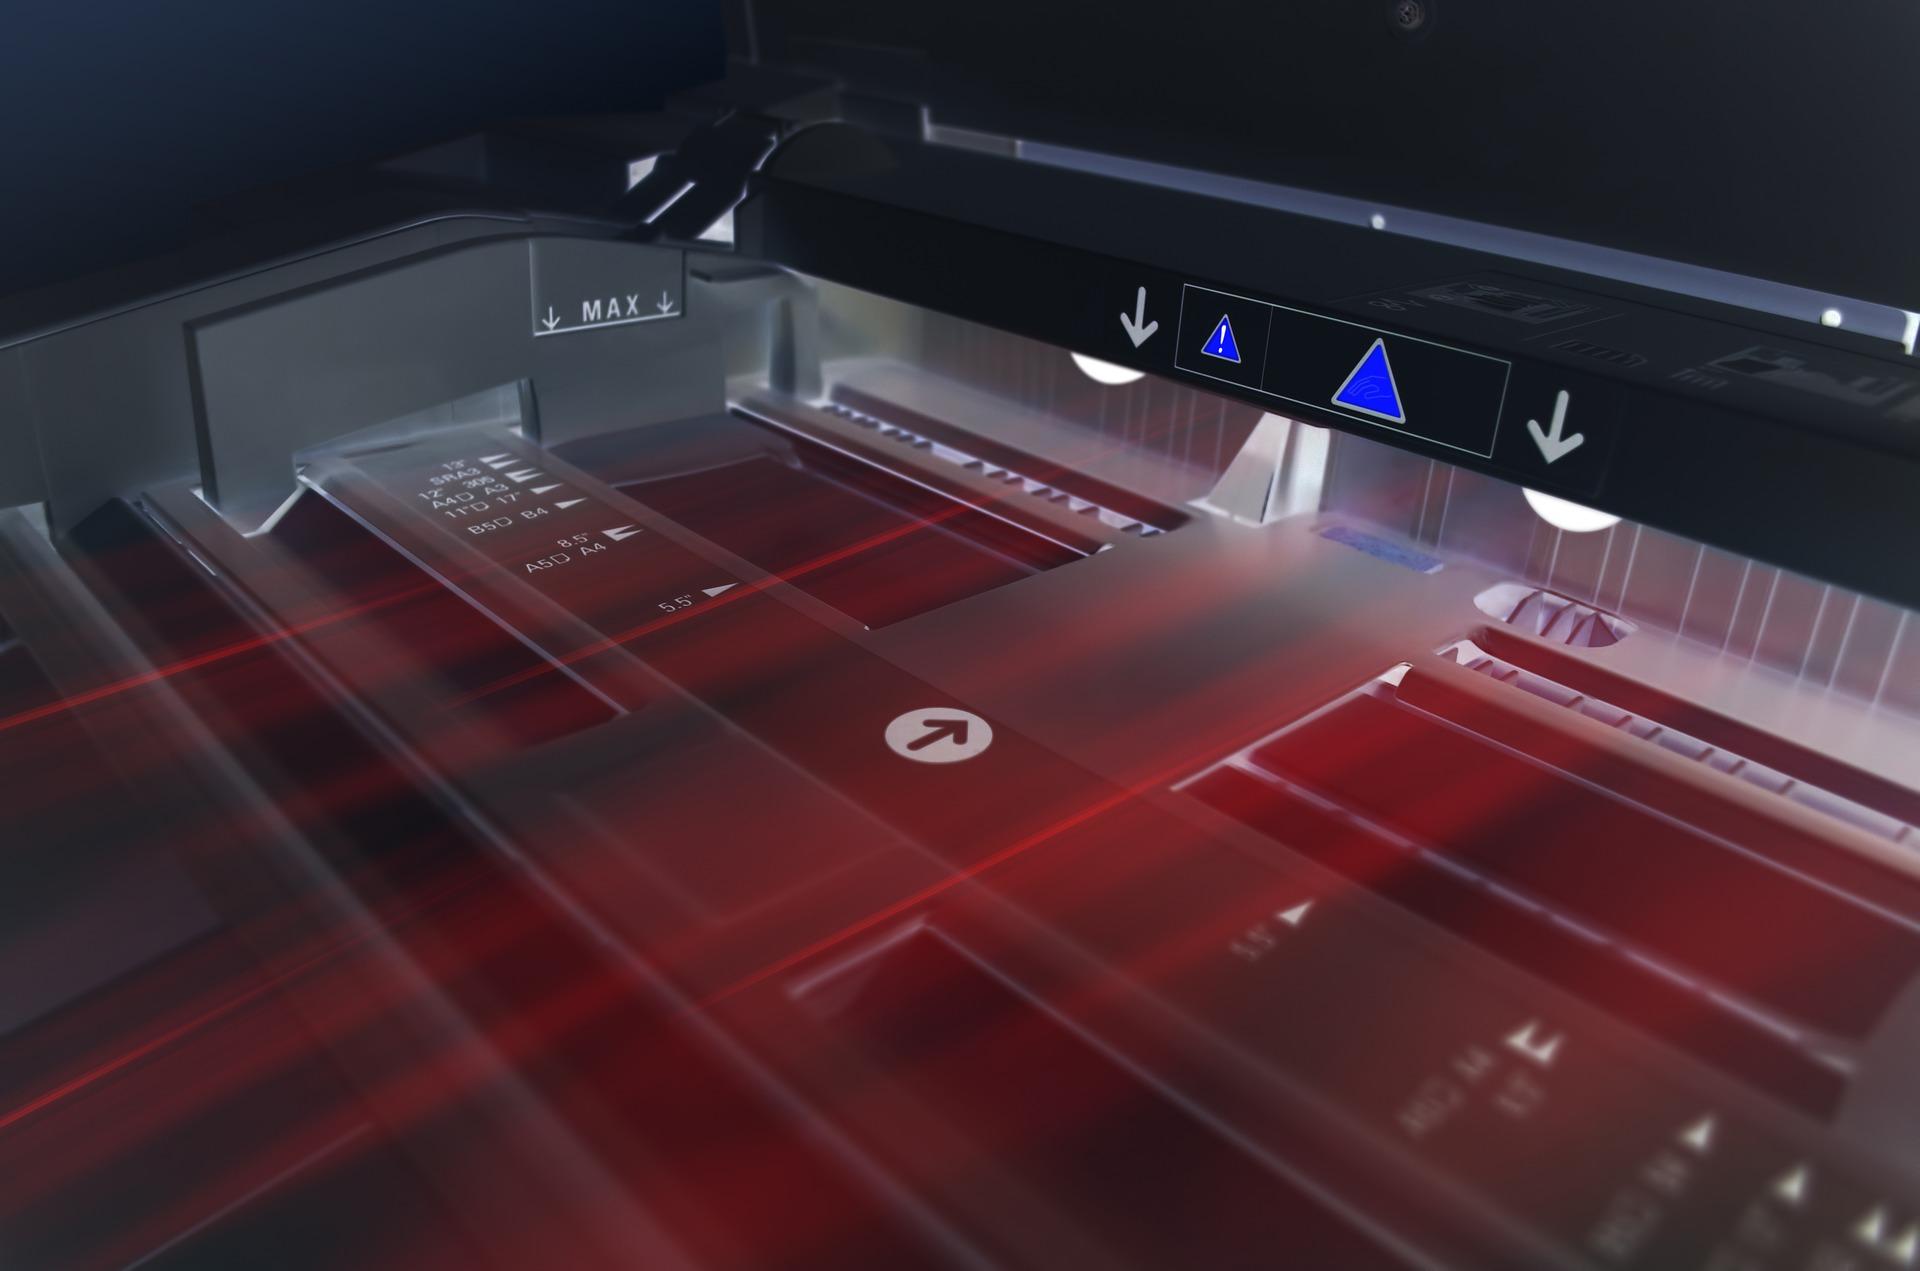 Drukarki atramentowe a laserowe – czym się różnią?